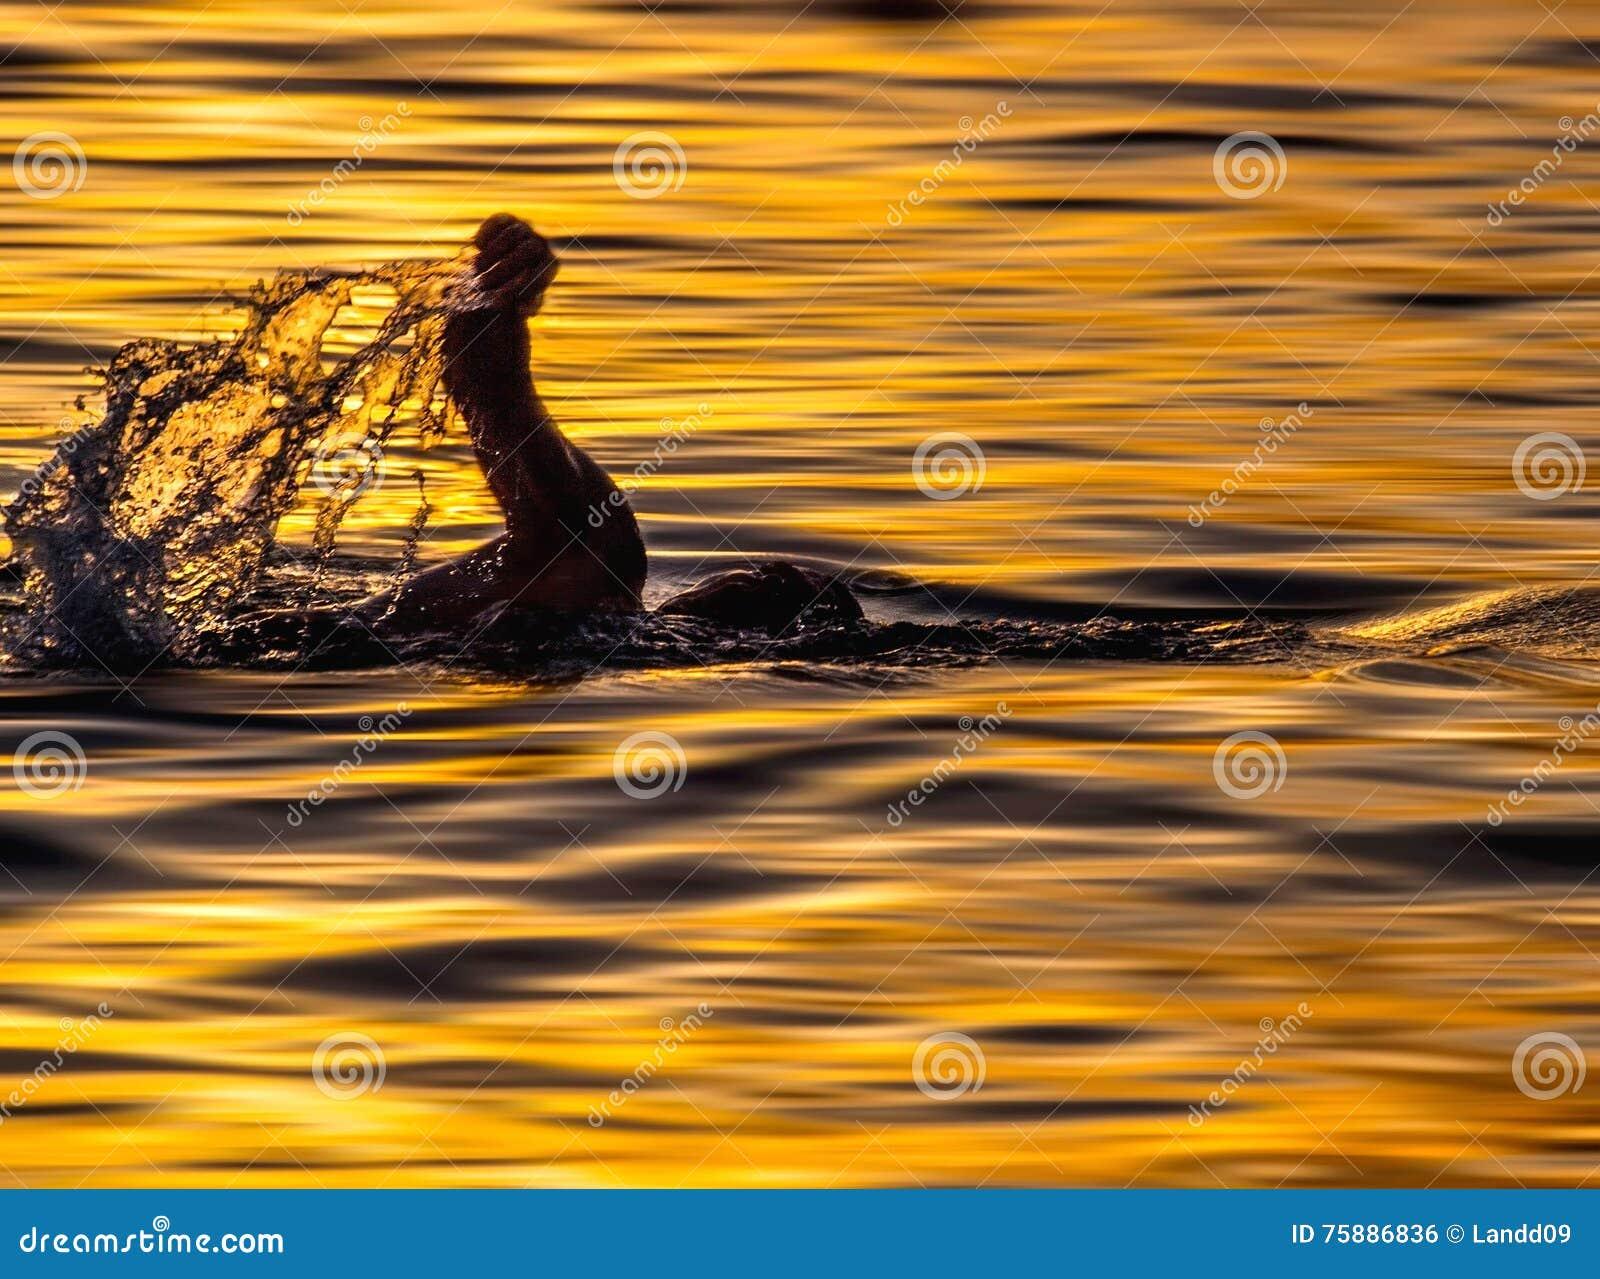 Swimmer in sunset